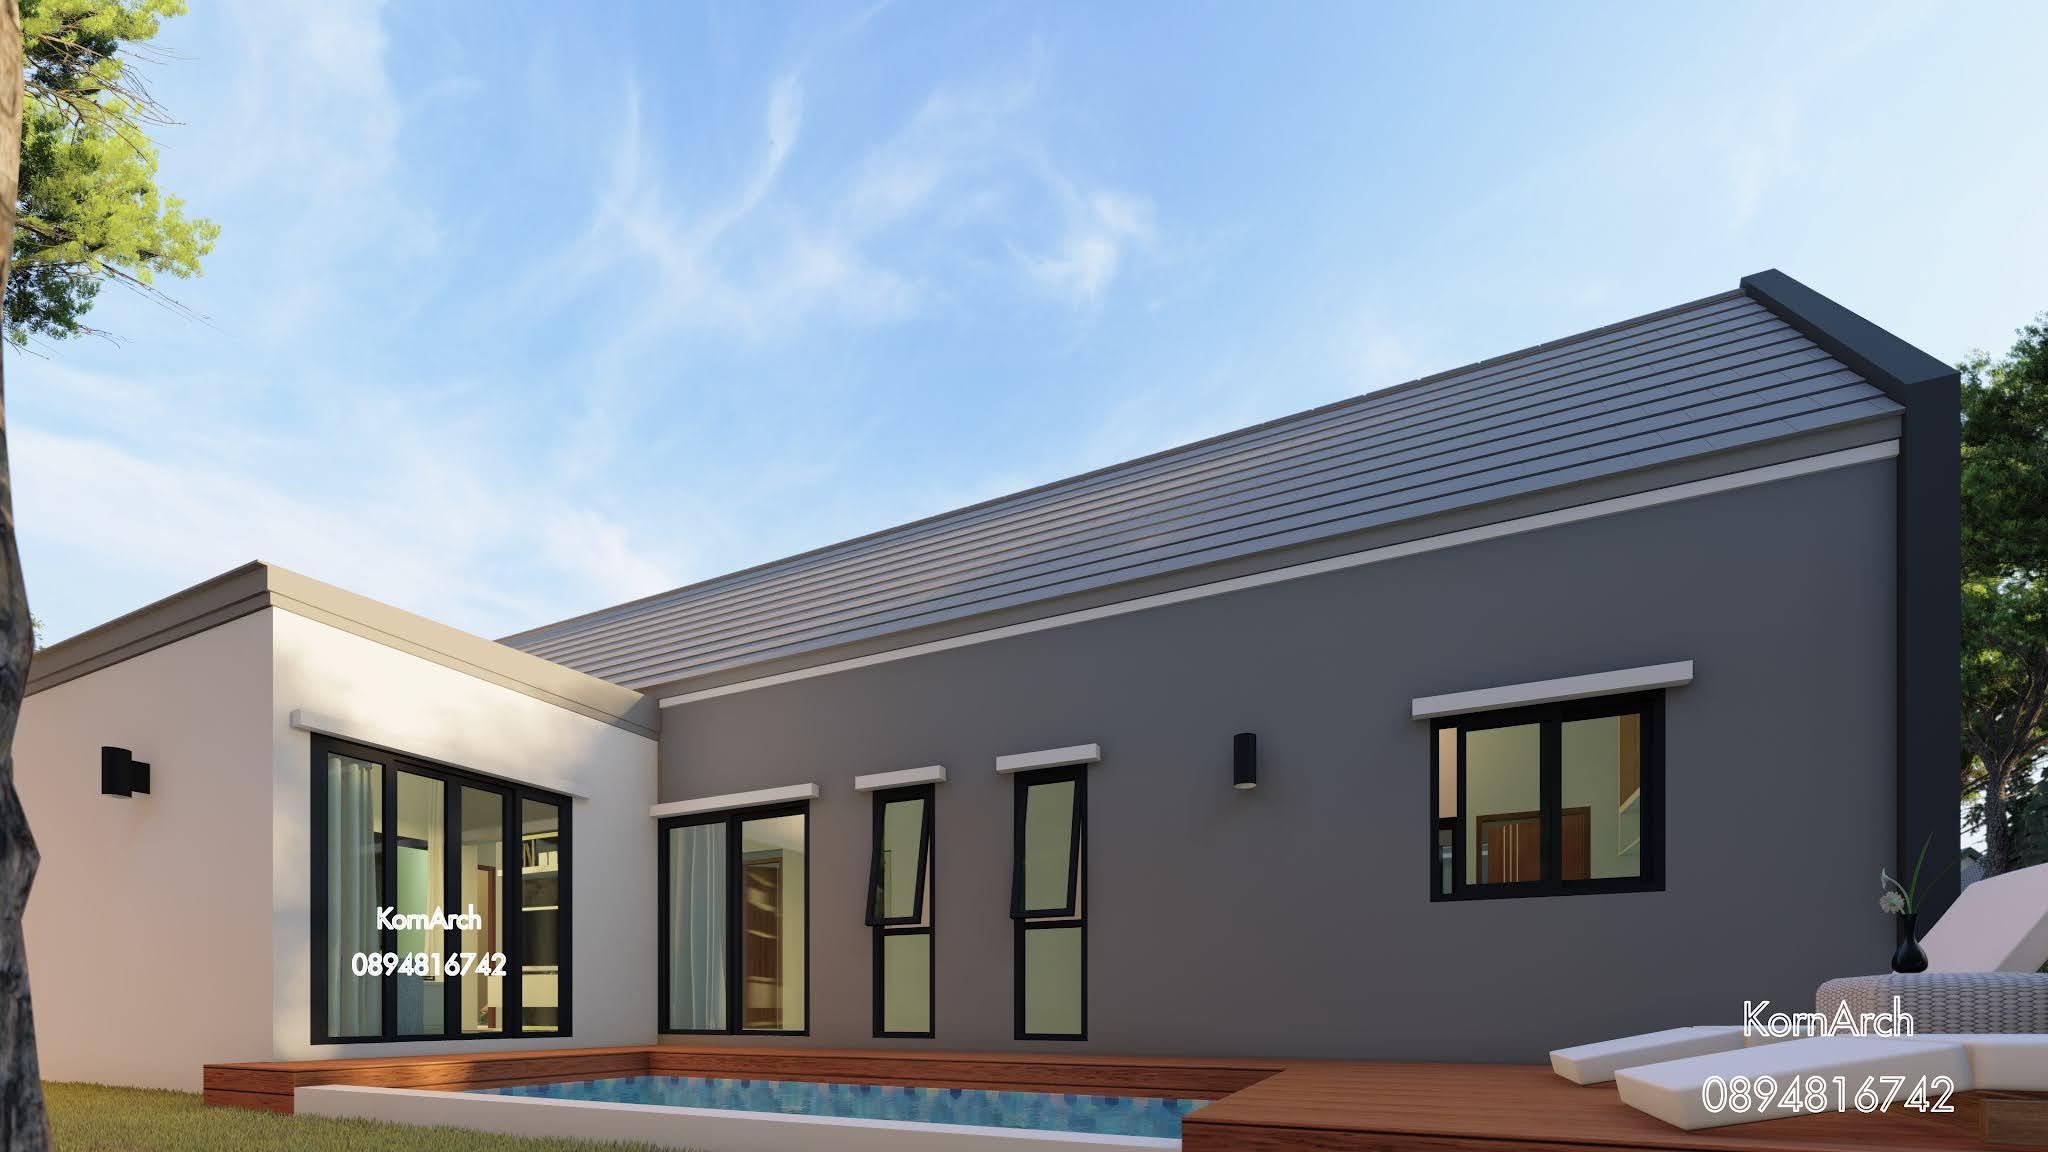 แบบบ้านพร้อมสระว่ายน้ำ,PoolVilla,แบบบ้านชั้นเดียว,รีสอร์ท